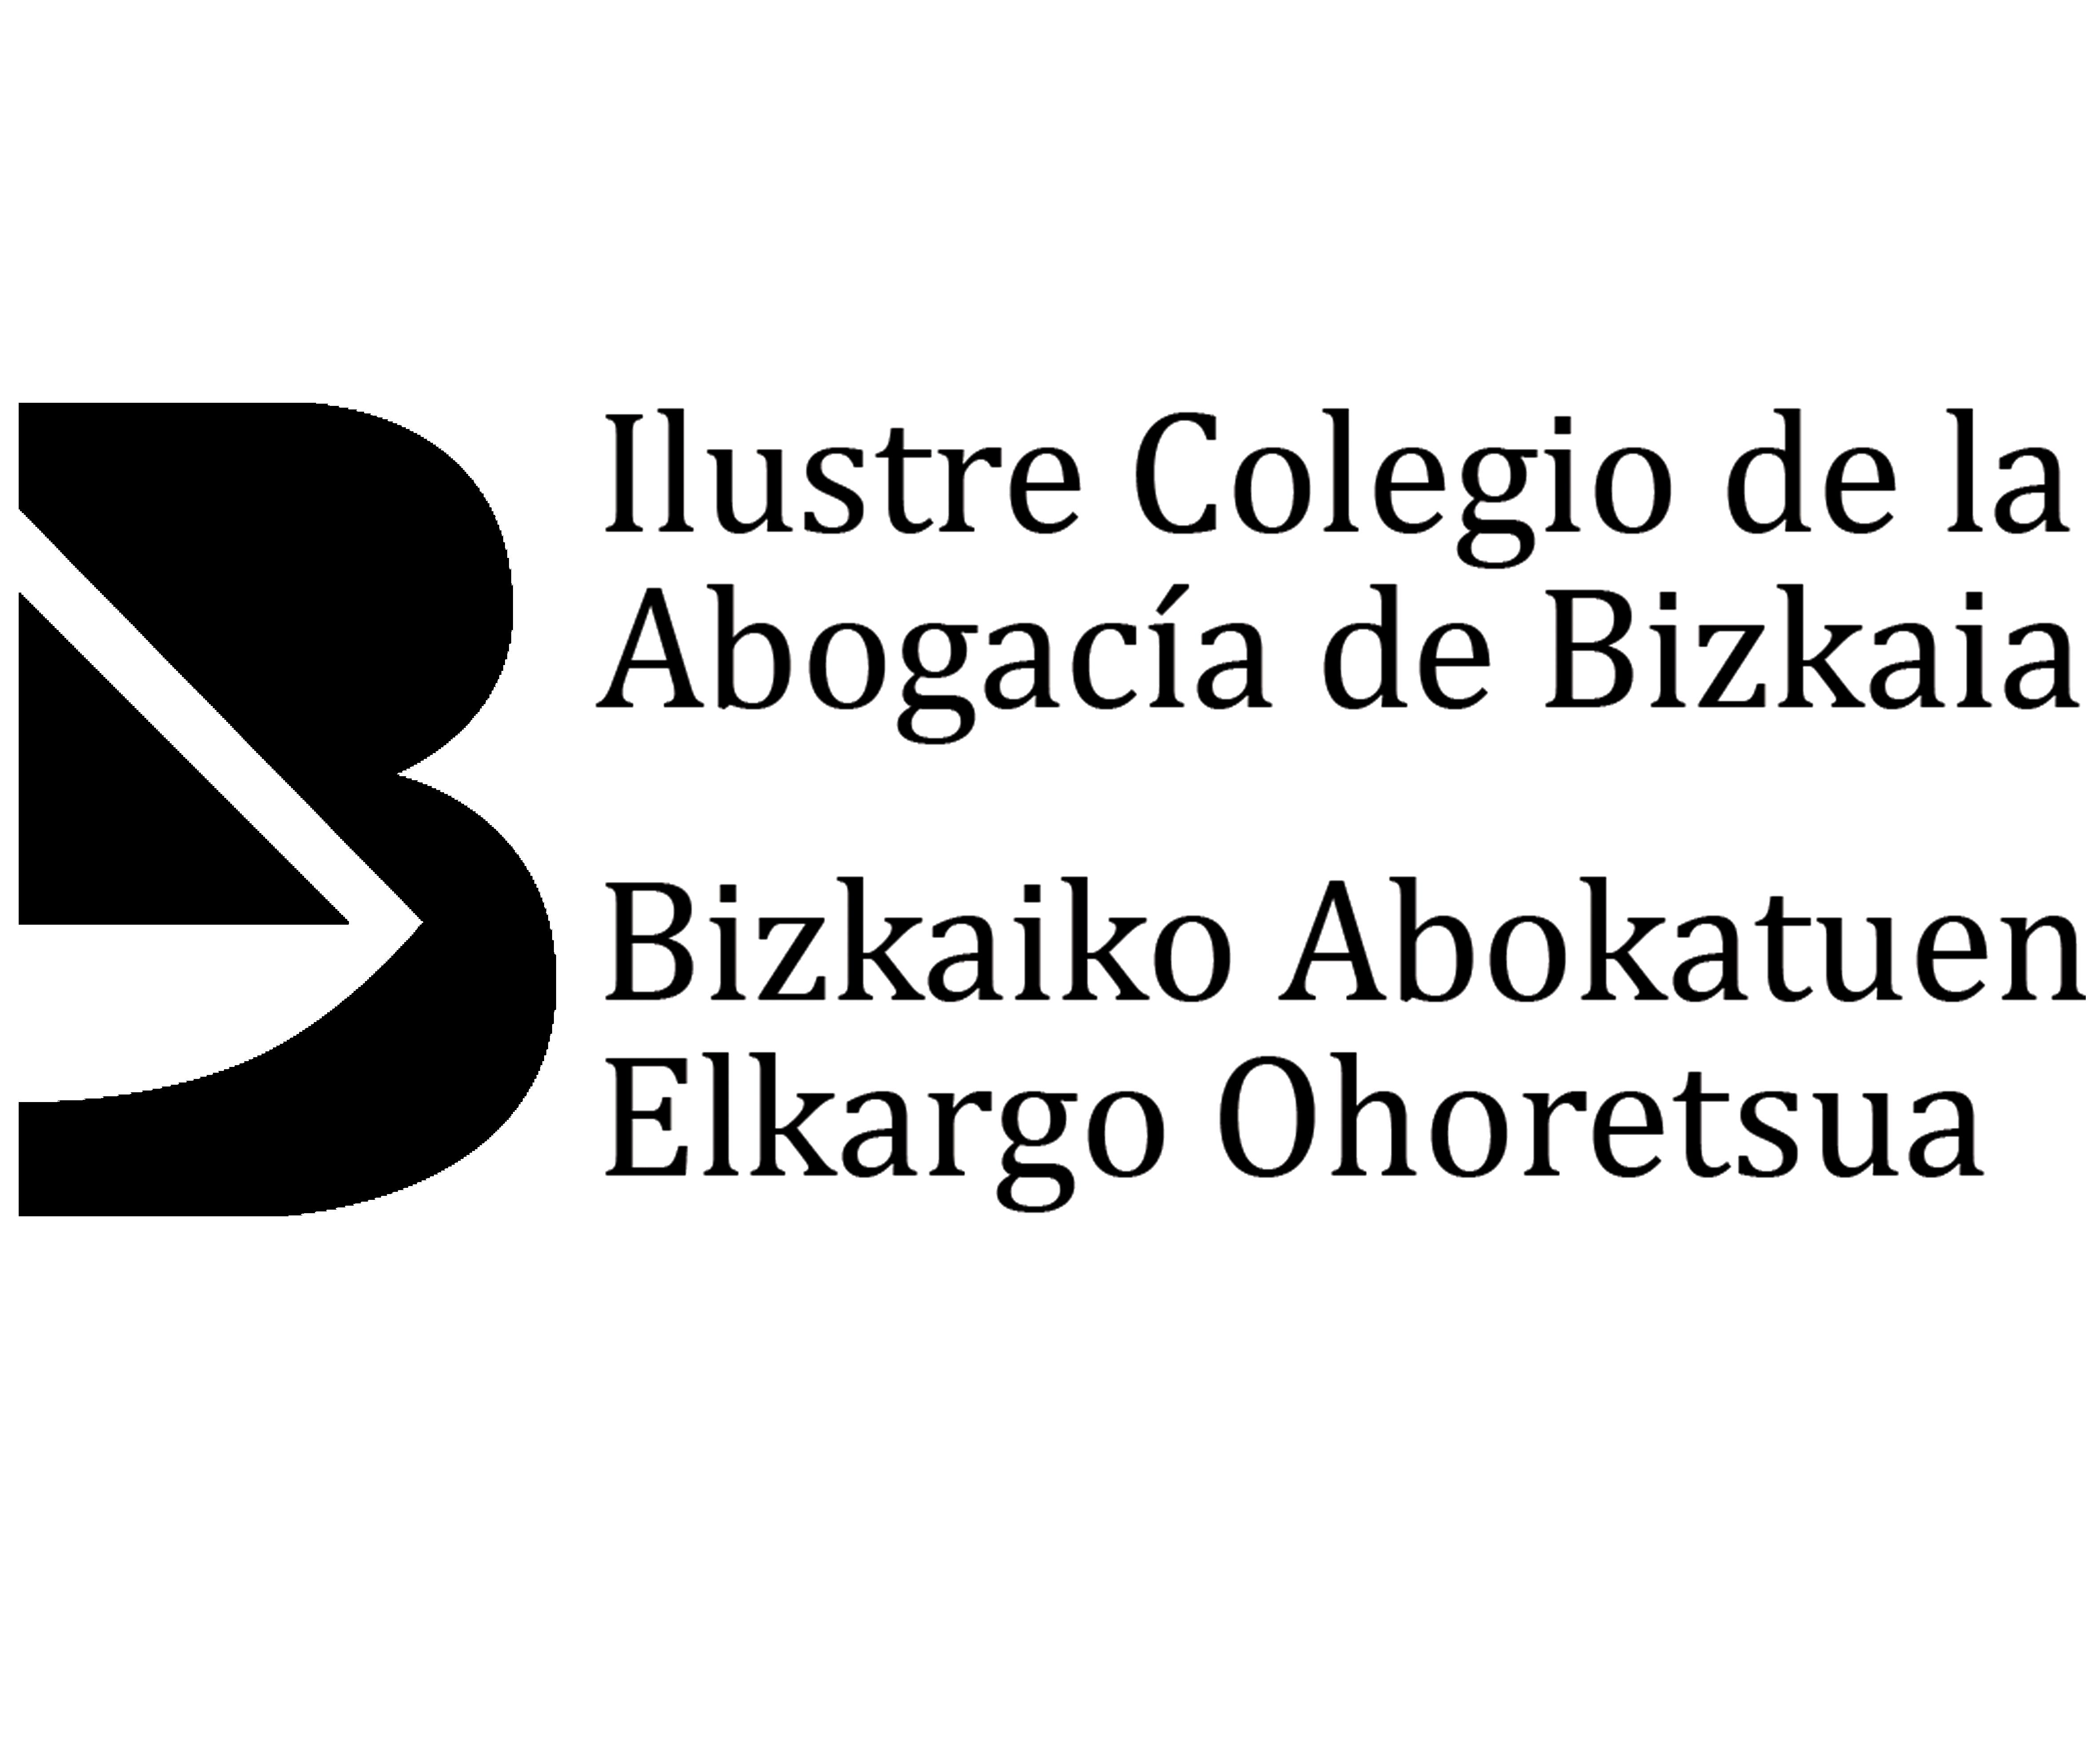 Colegio-de-abogados